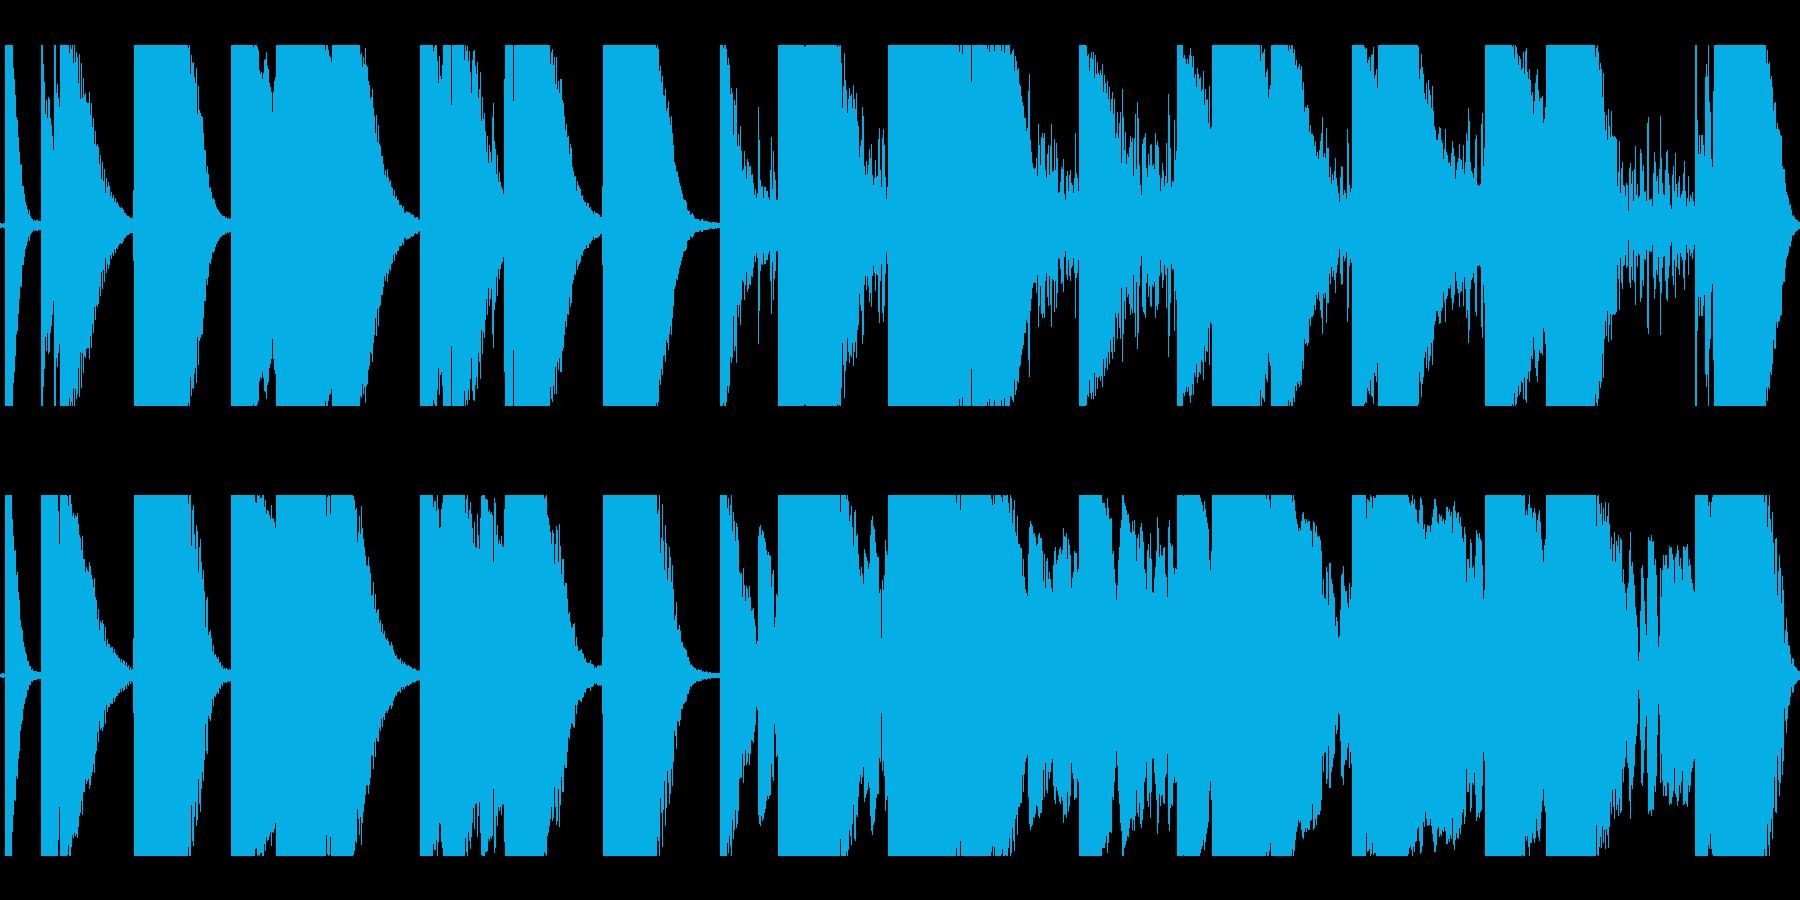 恐怖と不安しか感じさせないホラーBGMの再生済みの波形